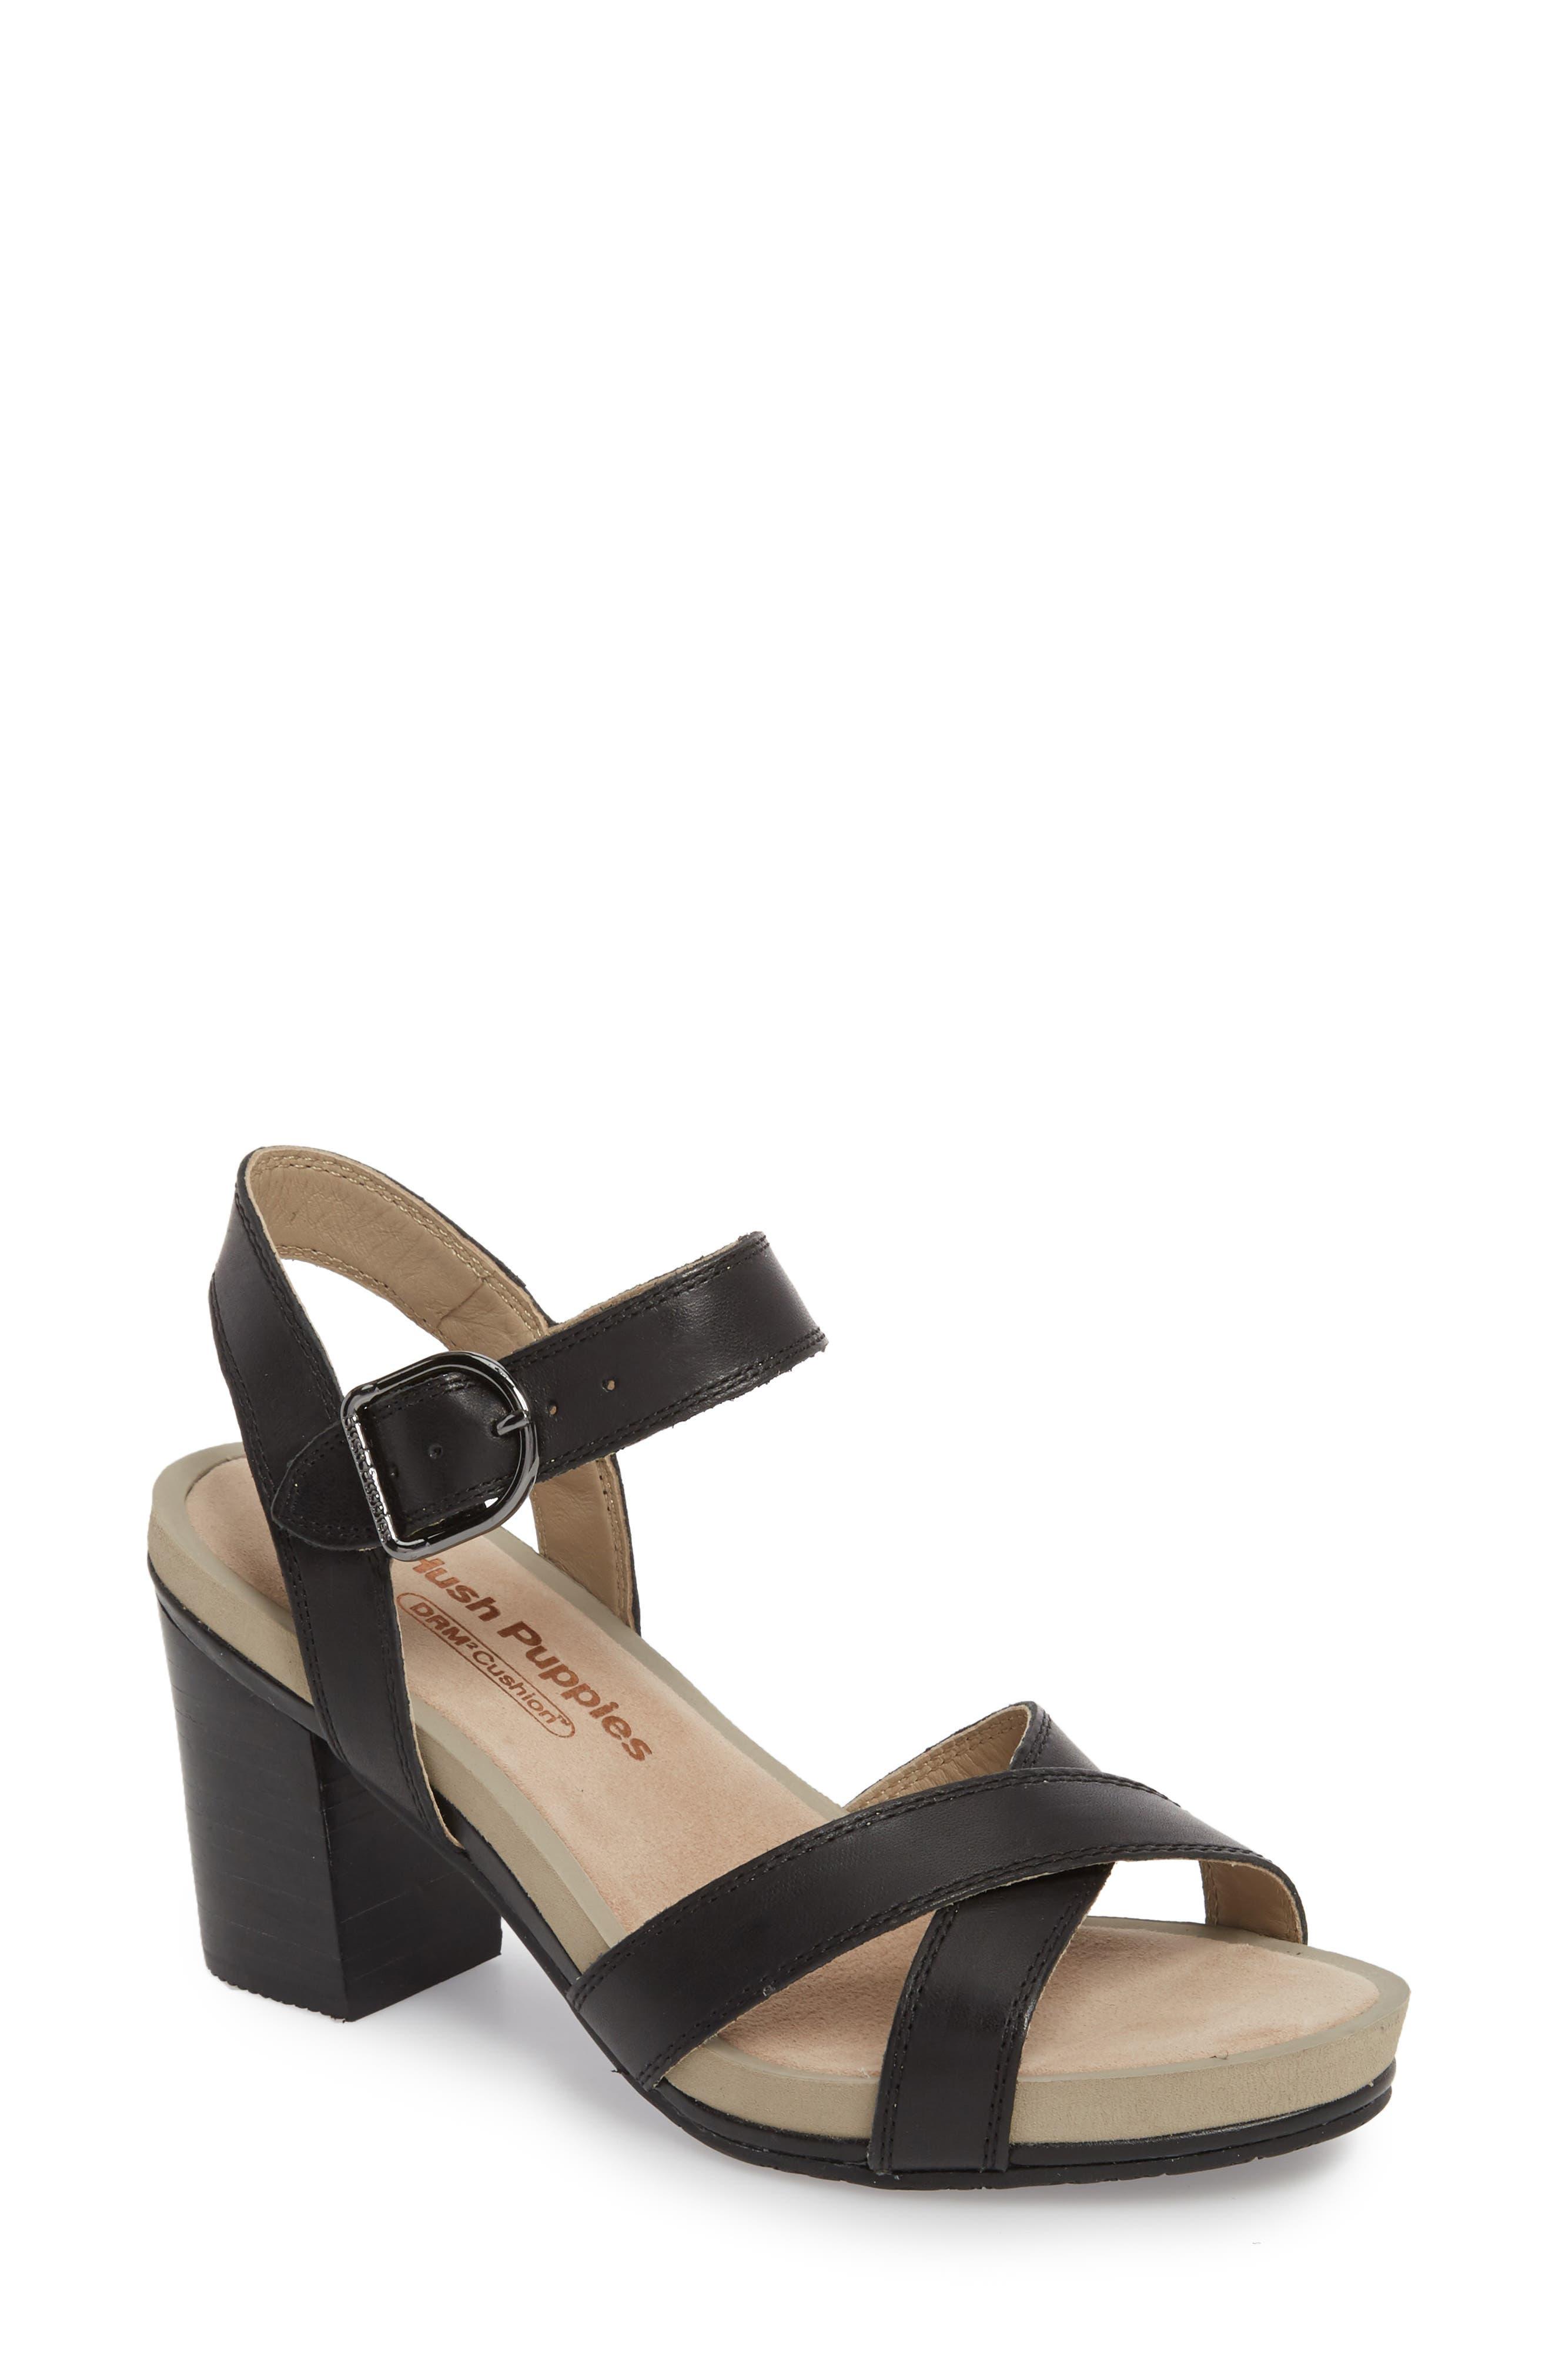 Mariska Block Heel Sandal,                             Main thumbnail 1, color,